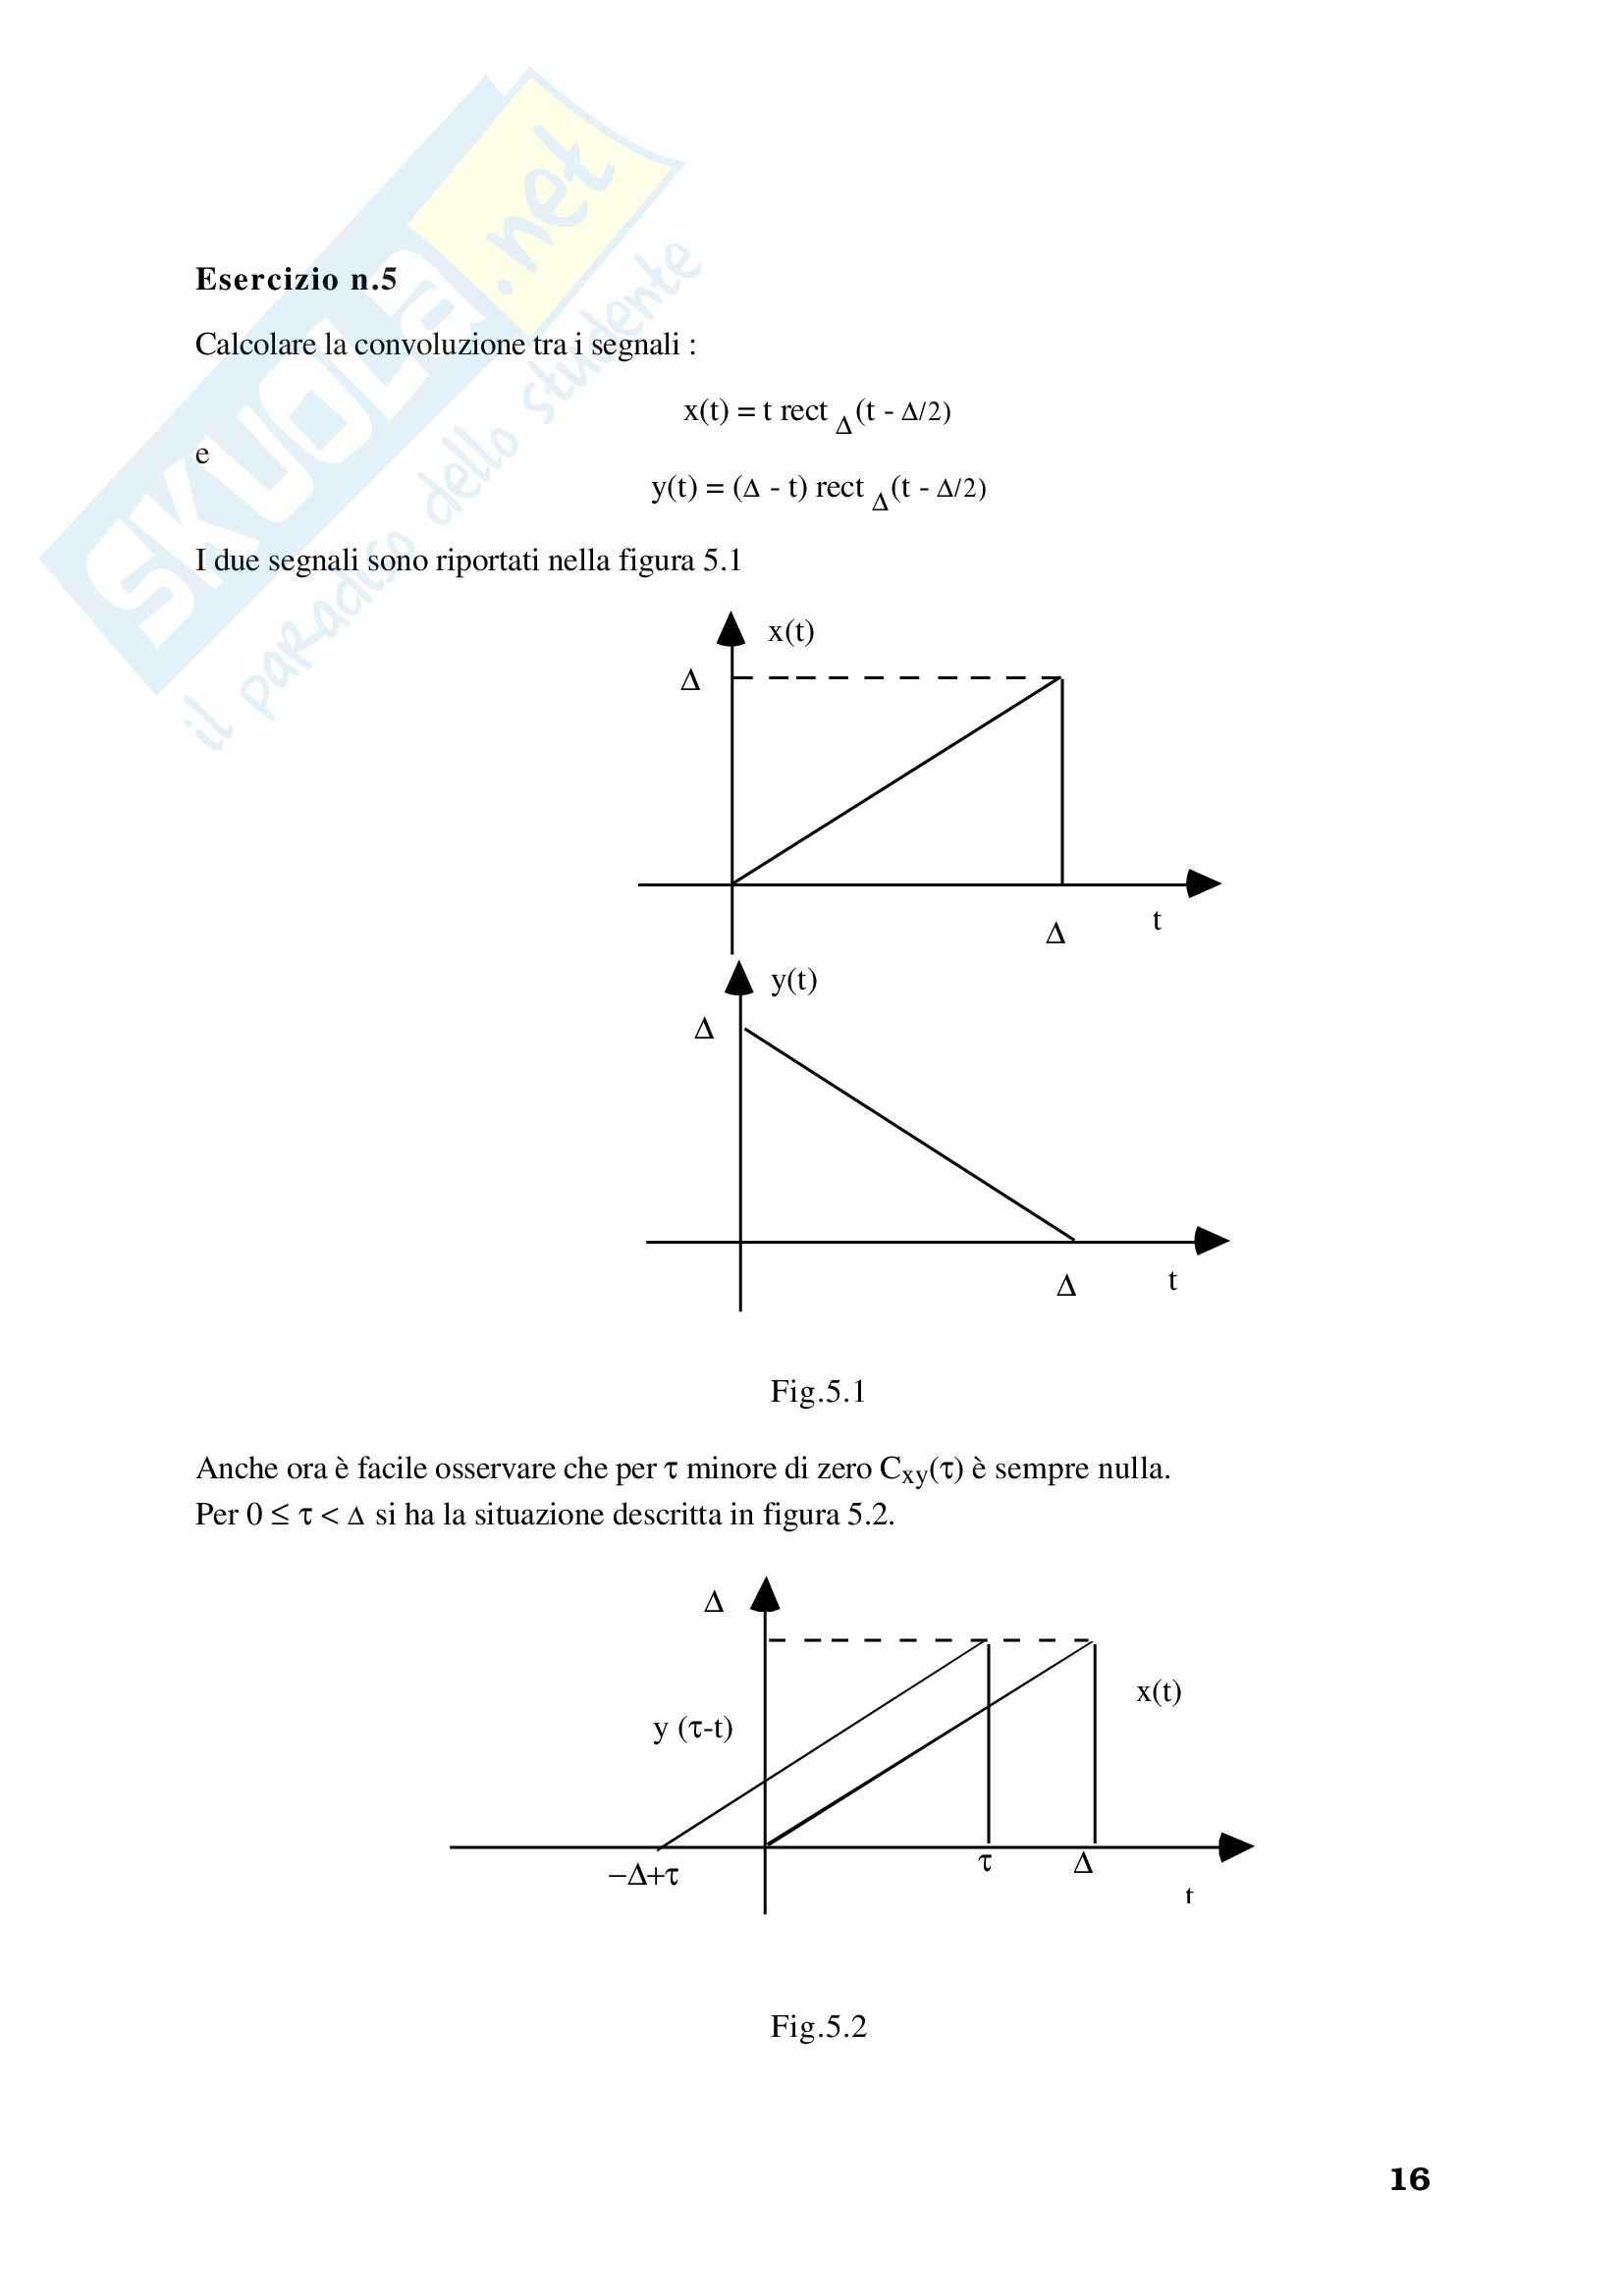 Teoria dei segnali - la convoluzione Pag. 16